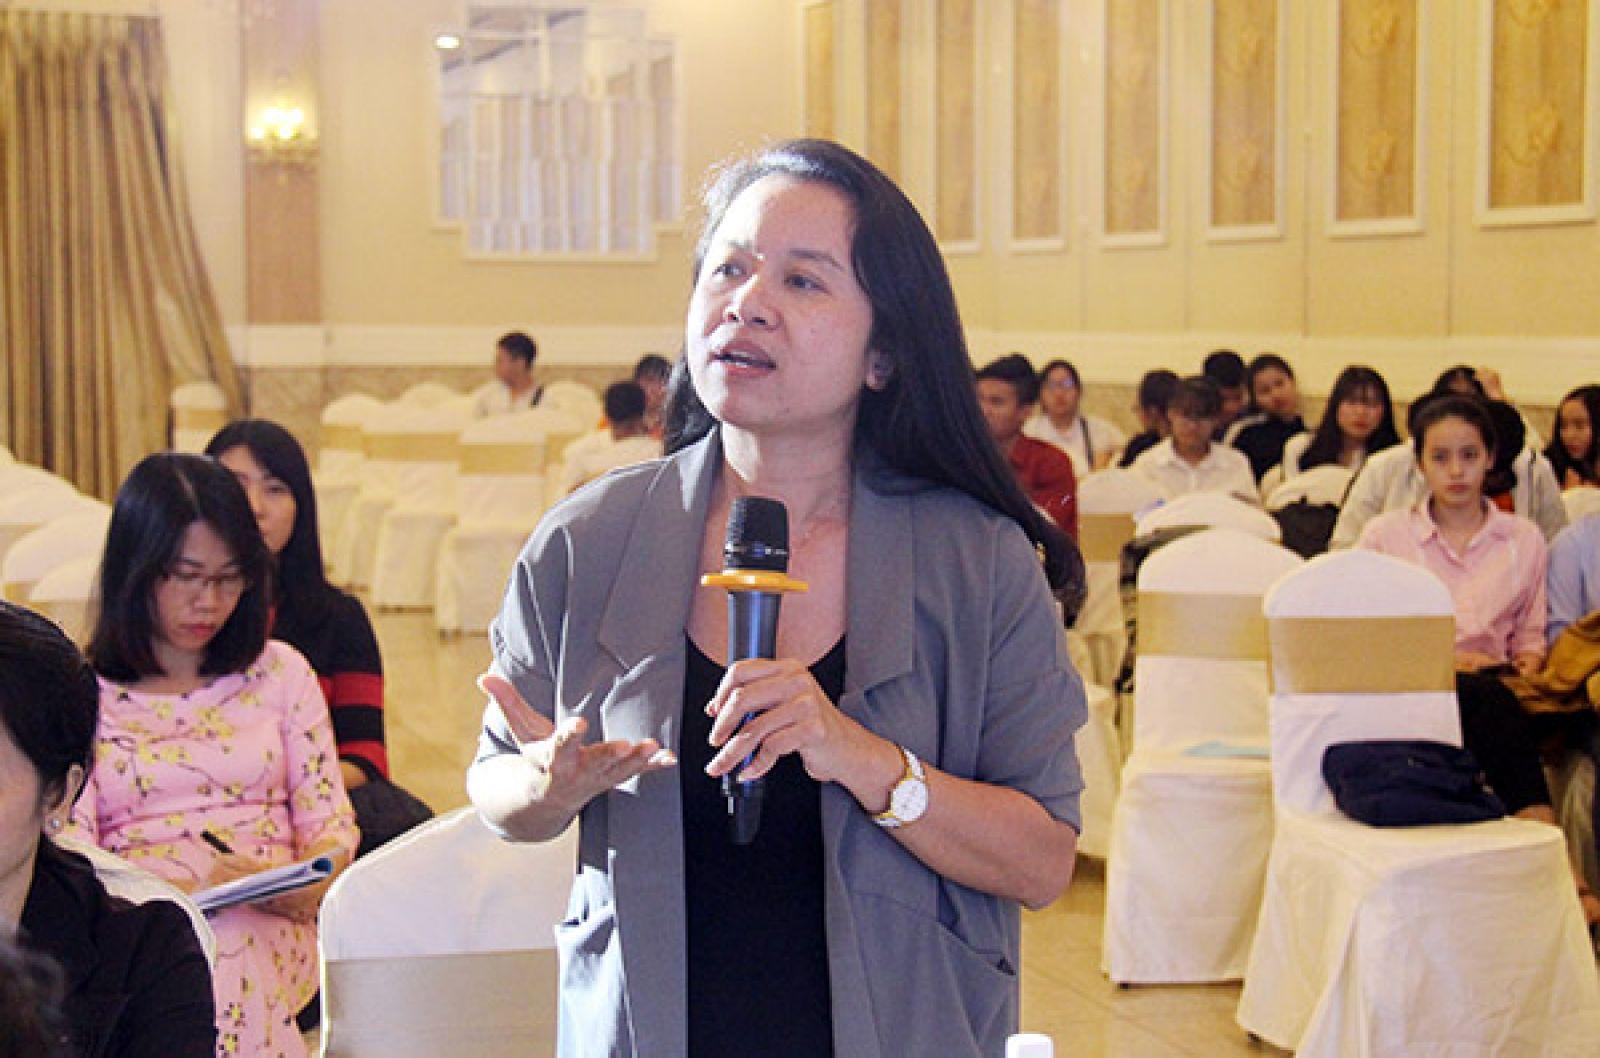 Đại diện doanh nghiệp phát biểu ý kiến thảo luận tại hội nghị.